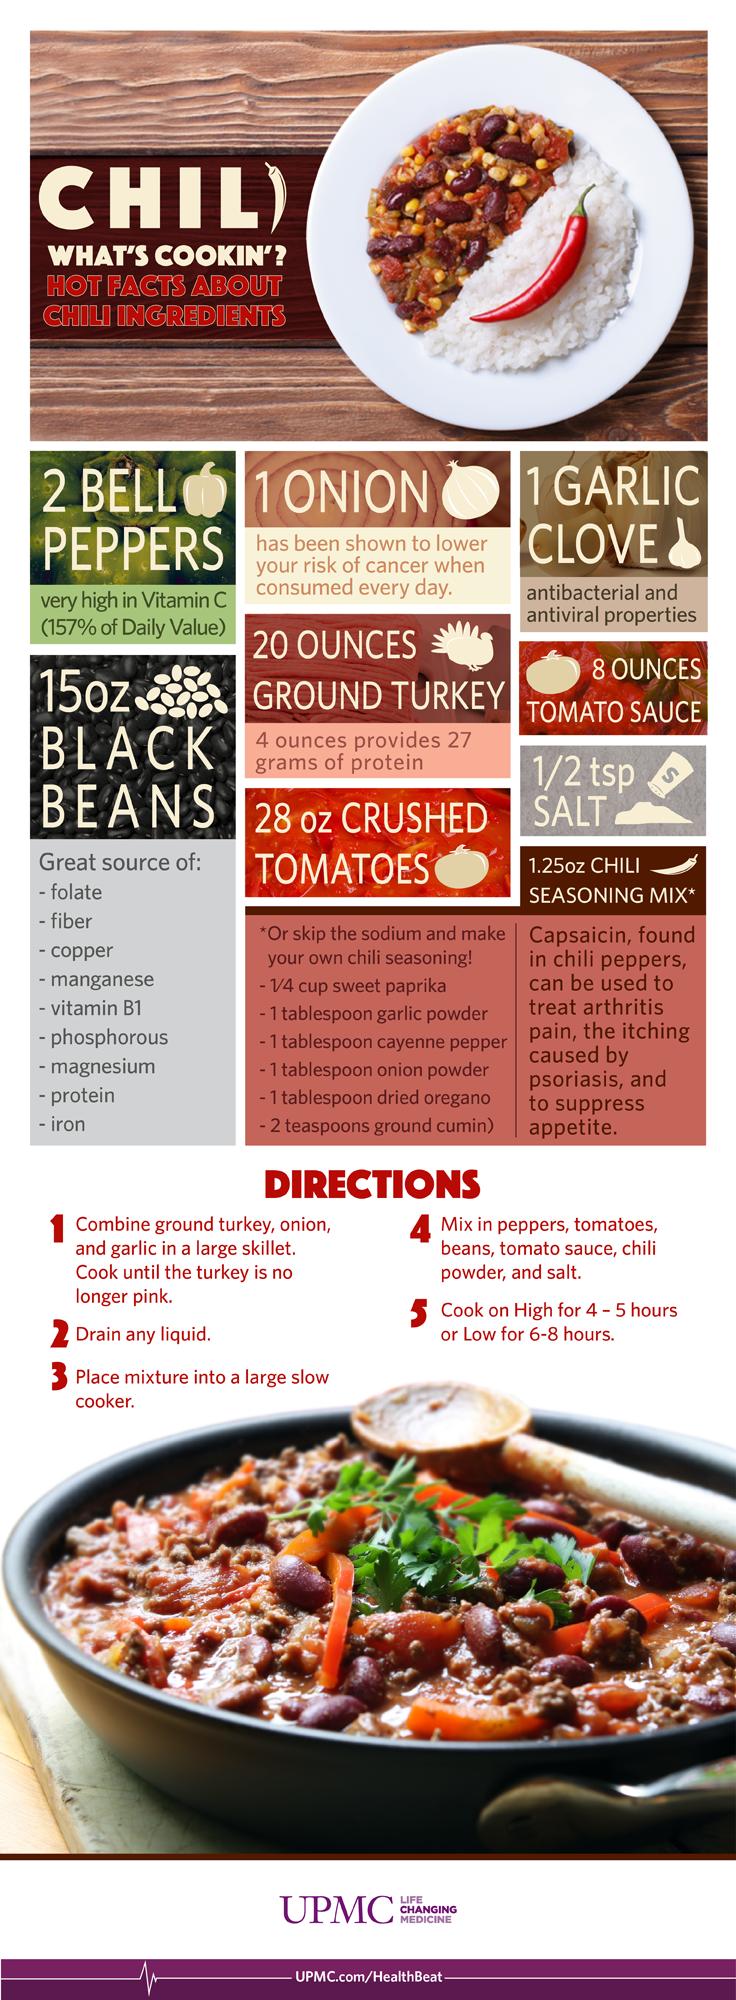 chili infographic